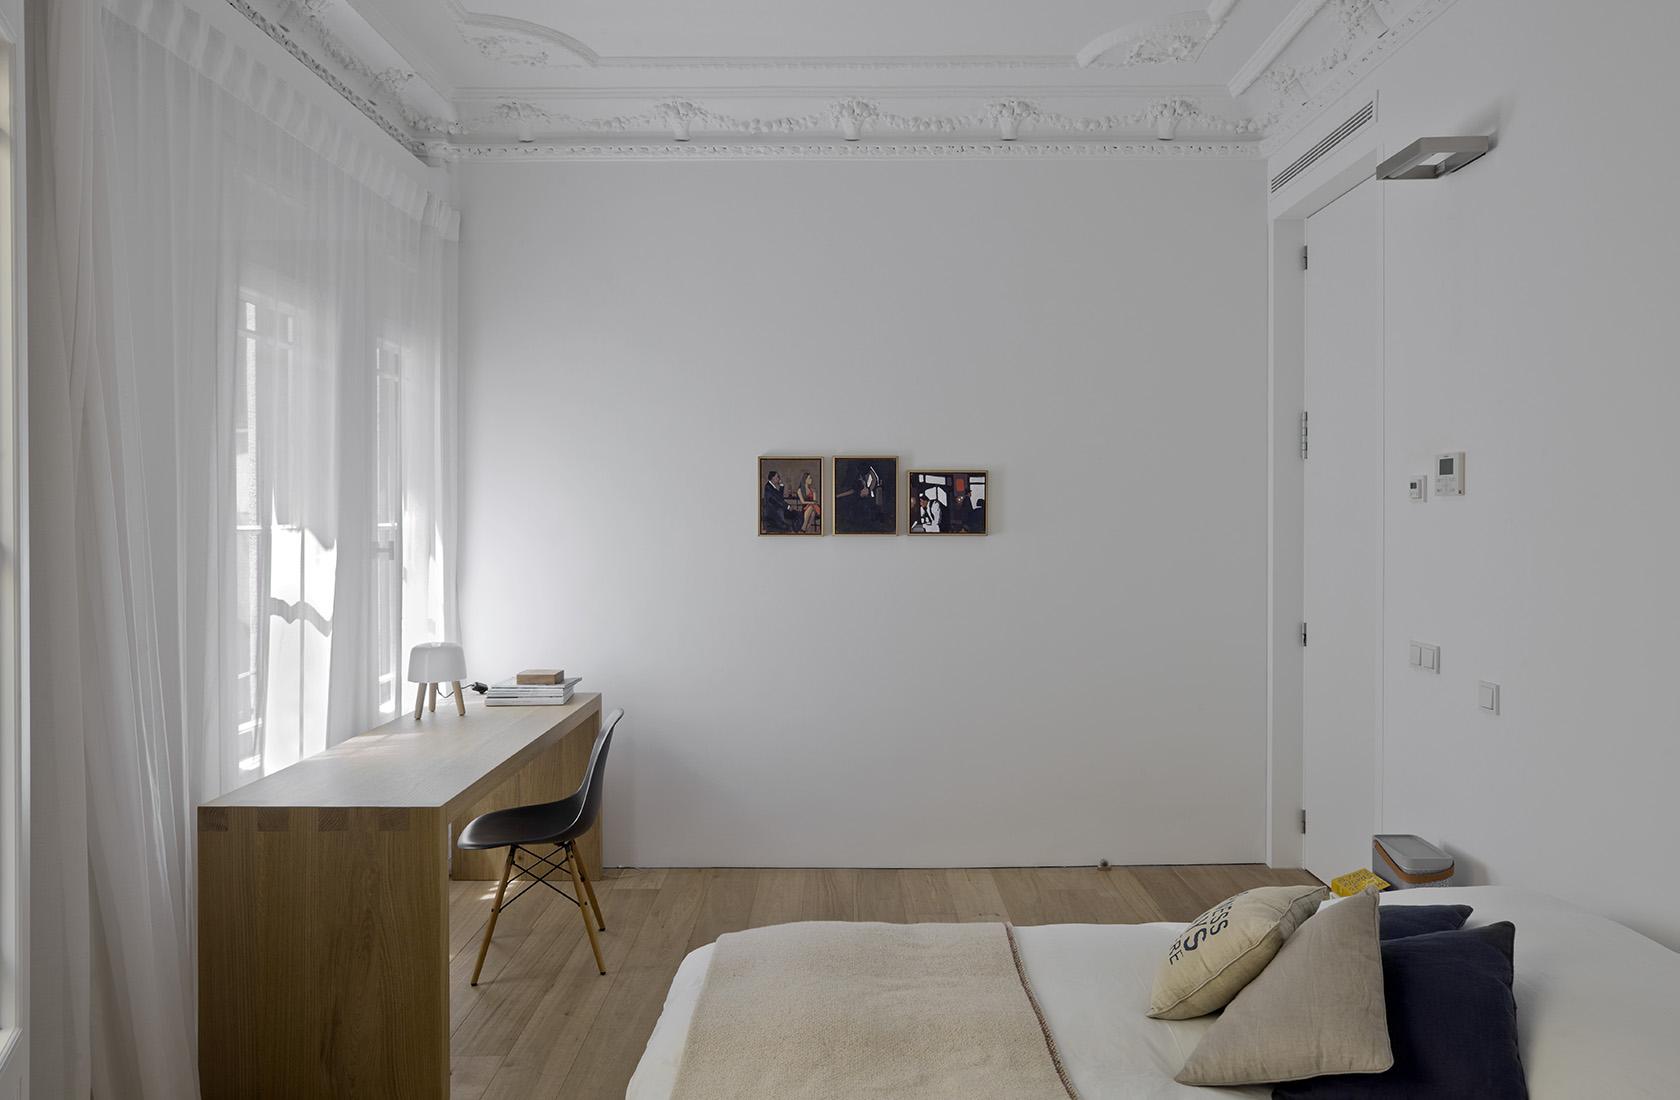 habitación con detalles decorativos restaurados por ábaton de la reforma integral en alcalá